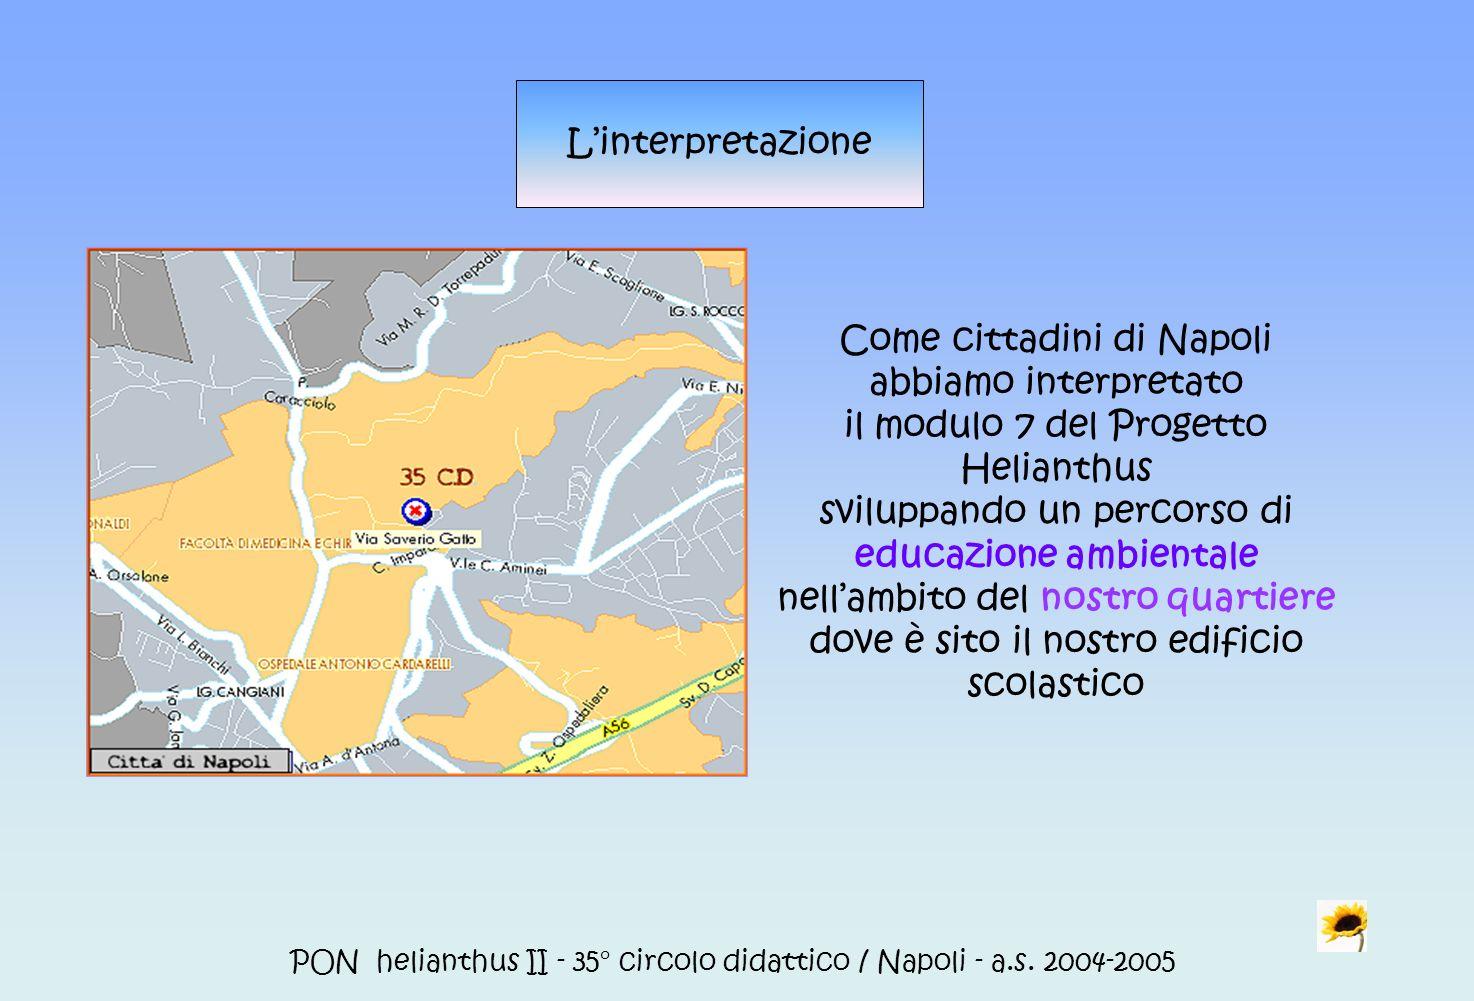 Come cittadini di Napoli abbiamo interpretato